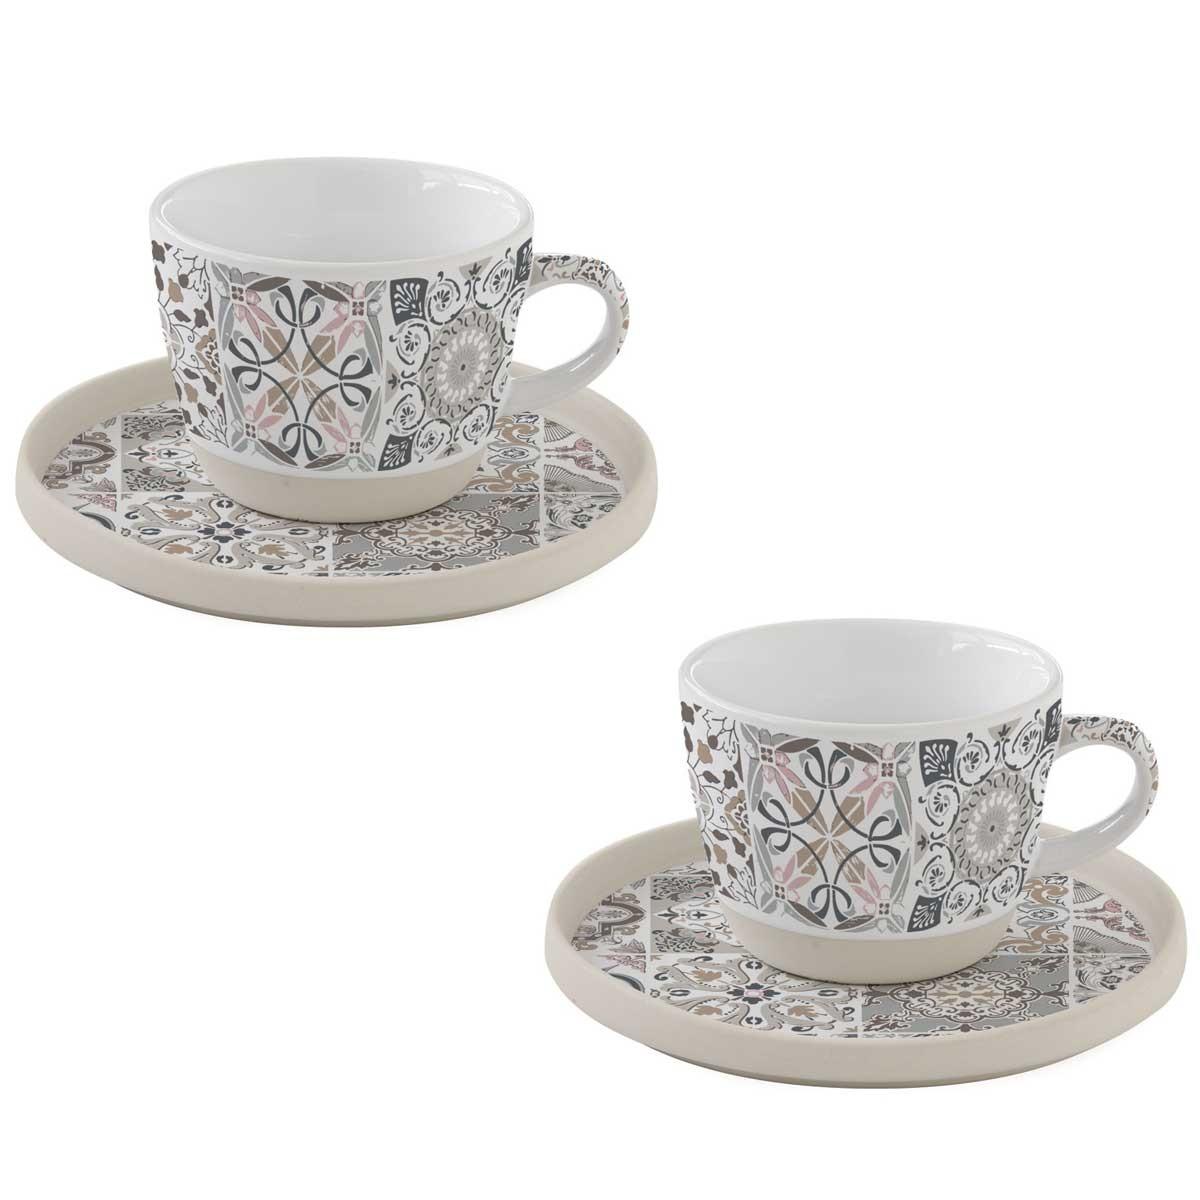 Φλυτζάνια Καφέ + Πιατάκια (Σετ 2τμχ) Marva Casadecor Grey 1656CΑDG